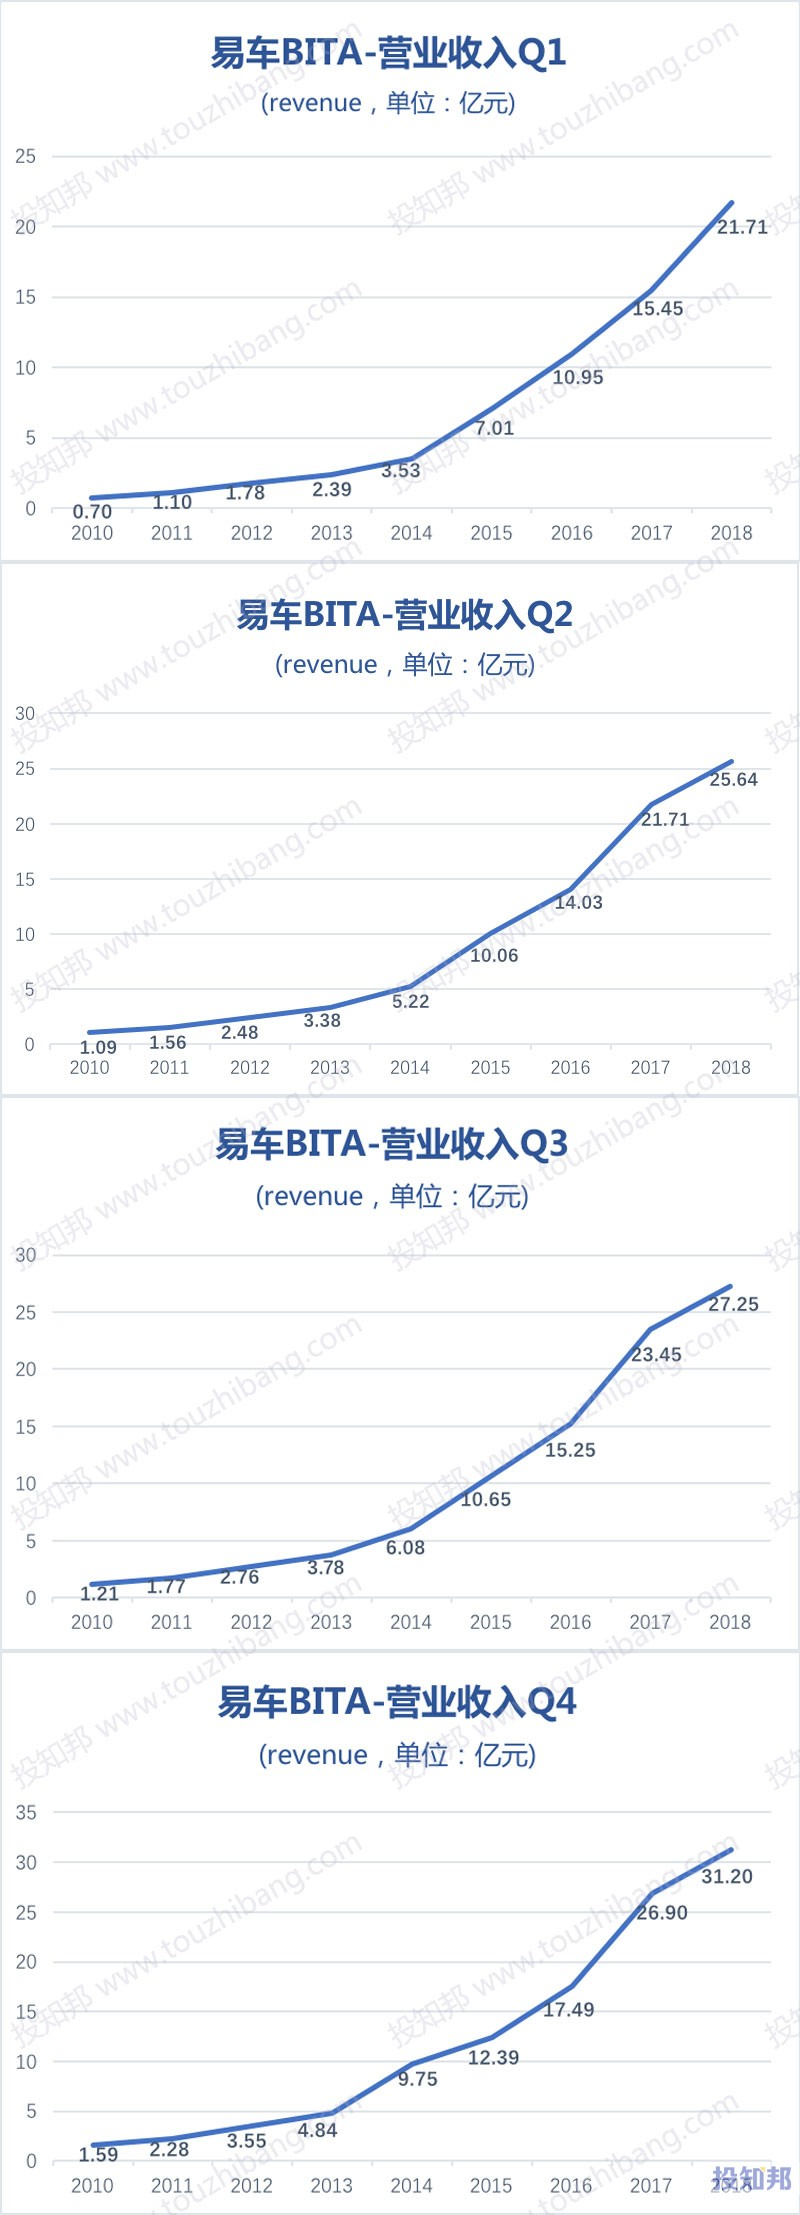 图解易车(BITA)财报数据(以人民币计,2010~2018年)